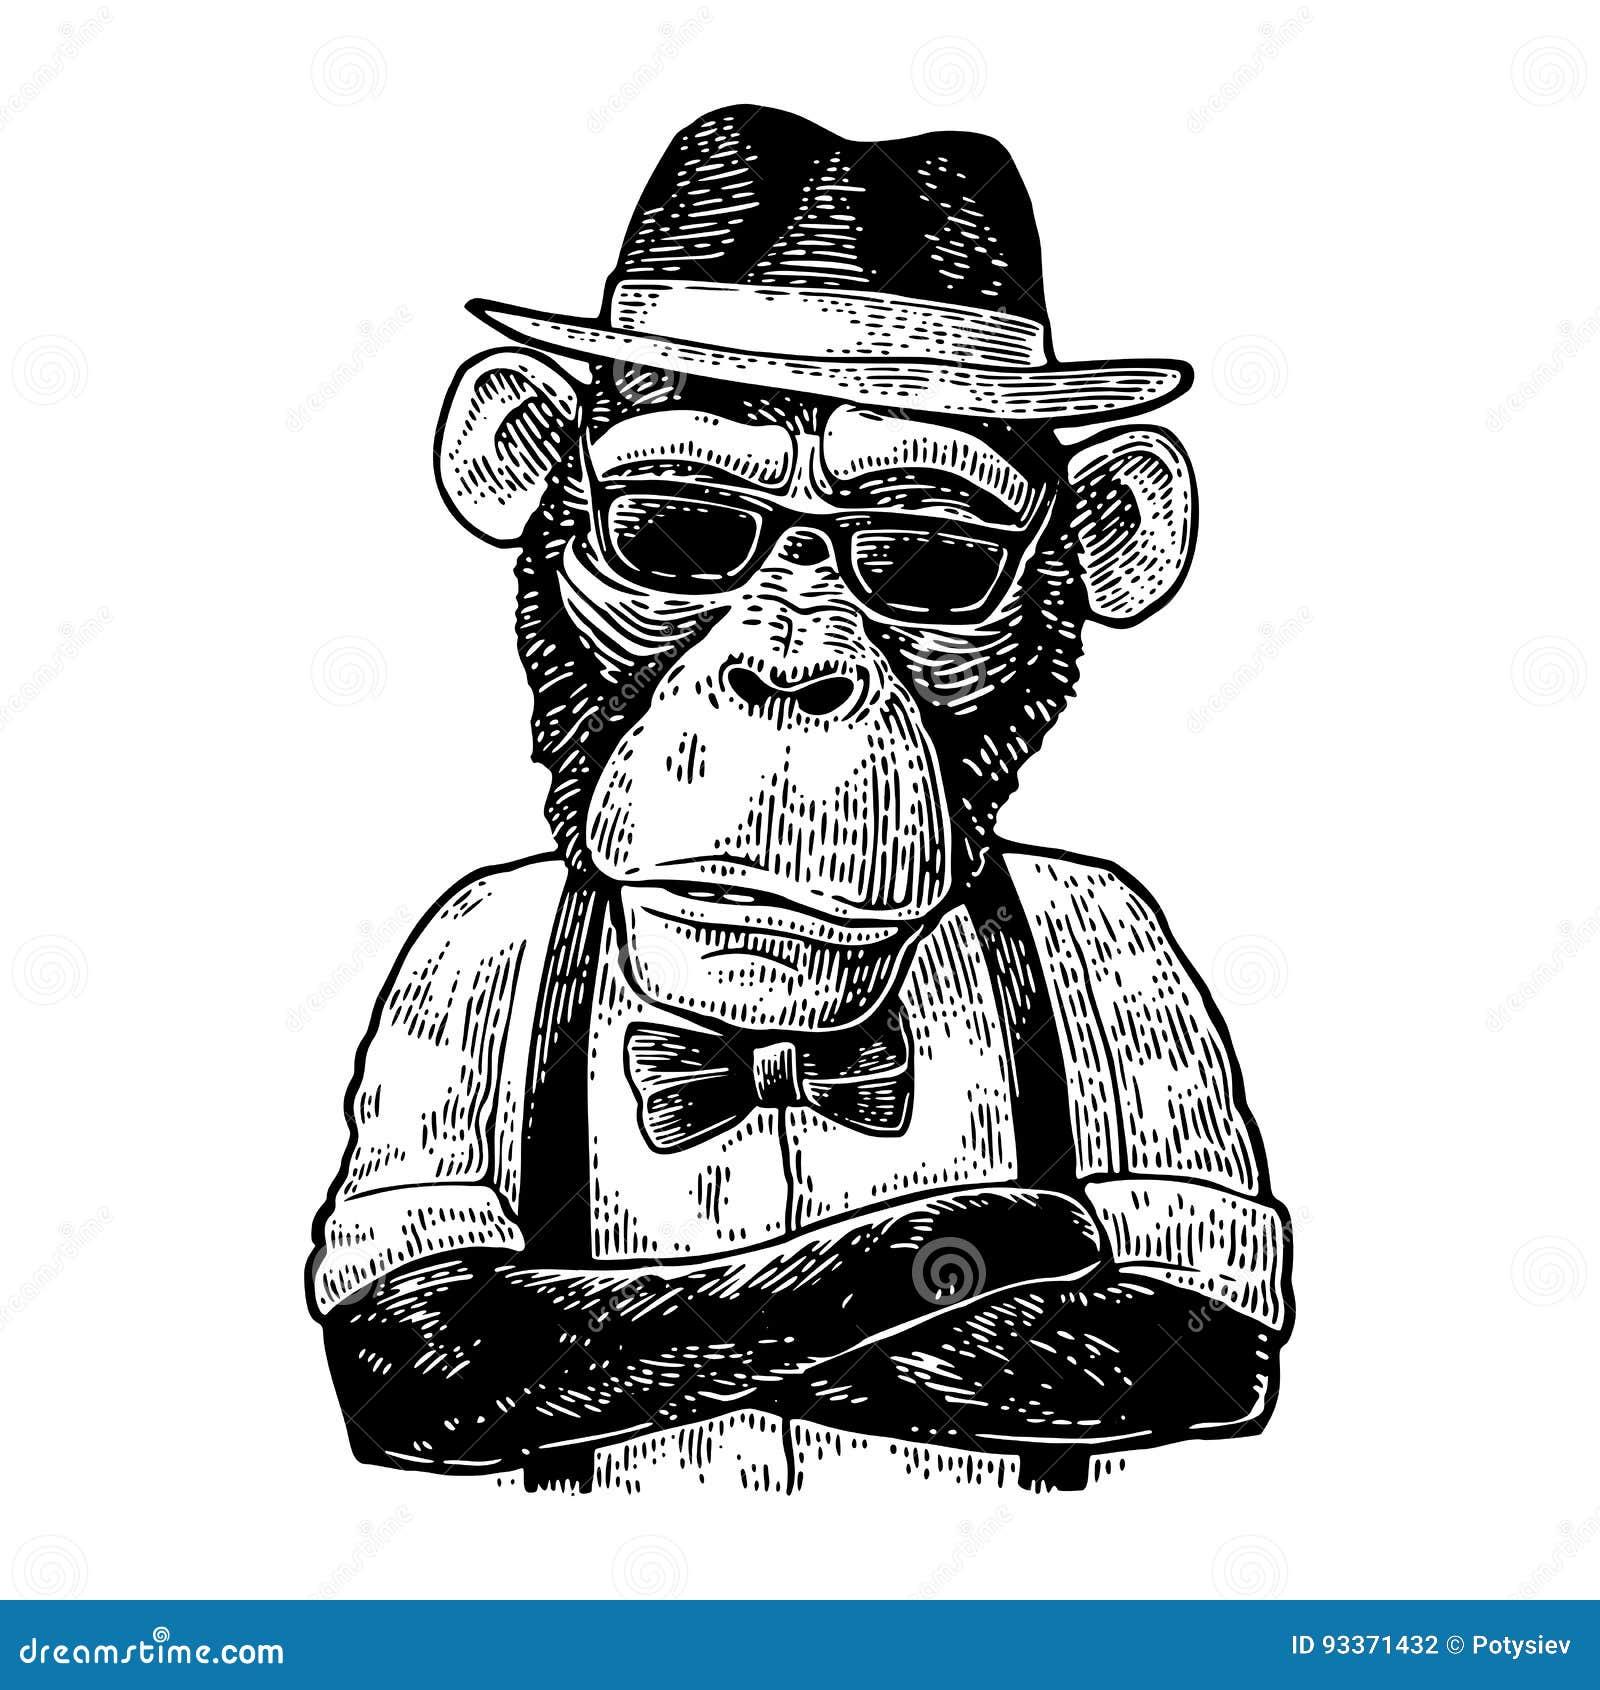 Πίθηκος hipster με τα όπλα crossedin στο καπέλο, το πουκάμισο, τα γυαλιά και το δεσμό τόξων